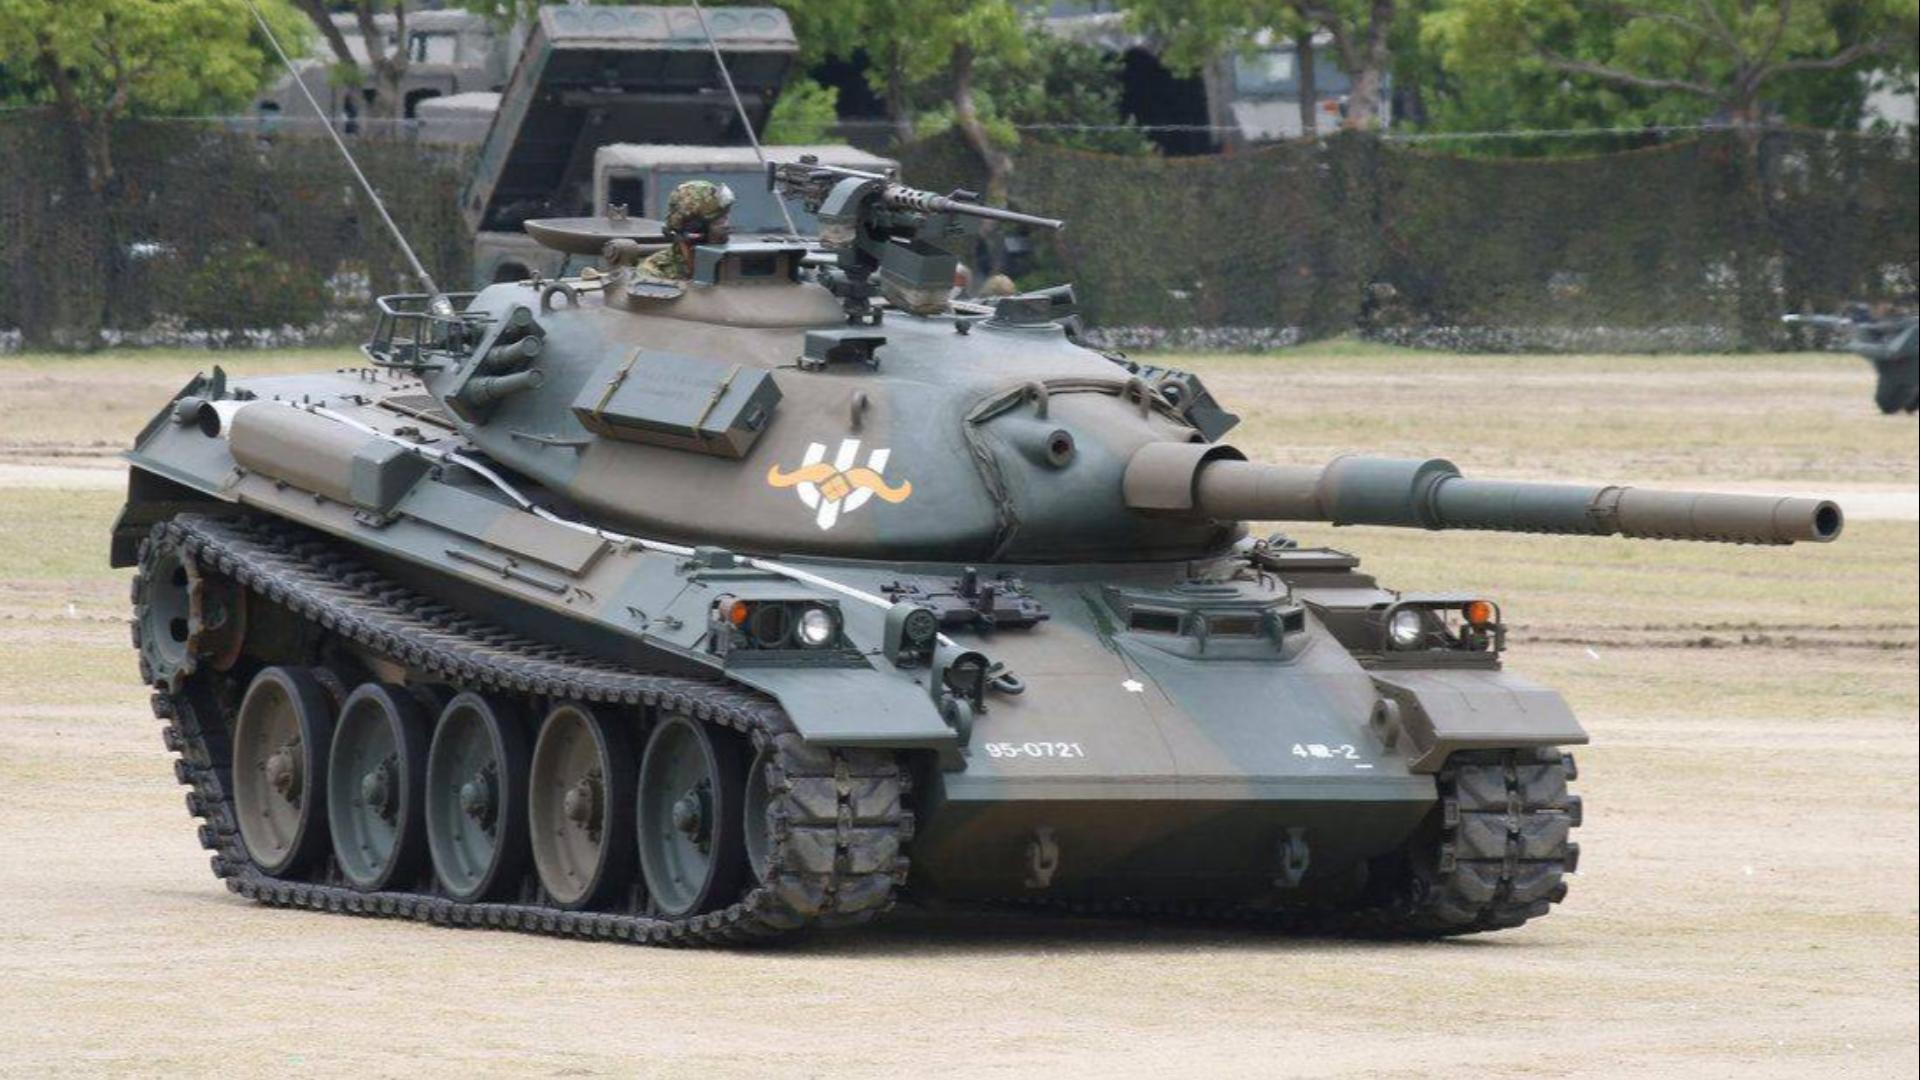 【讲堂522期】采用西方普遍的105mm线膛炮,拥有绝密空气悬挂系统的74式坦克